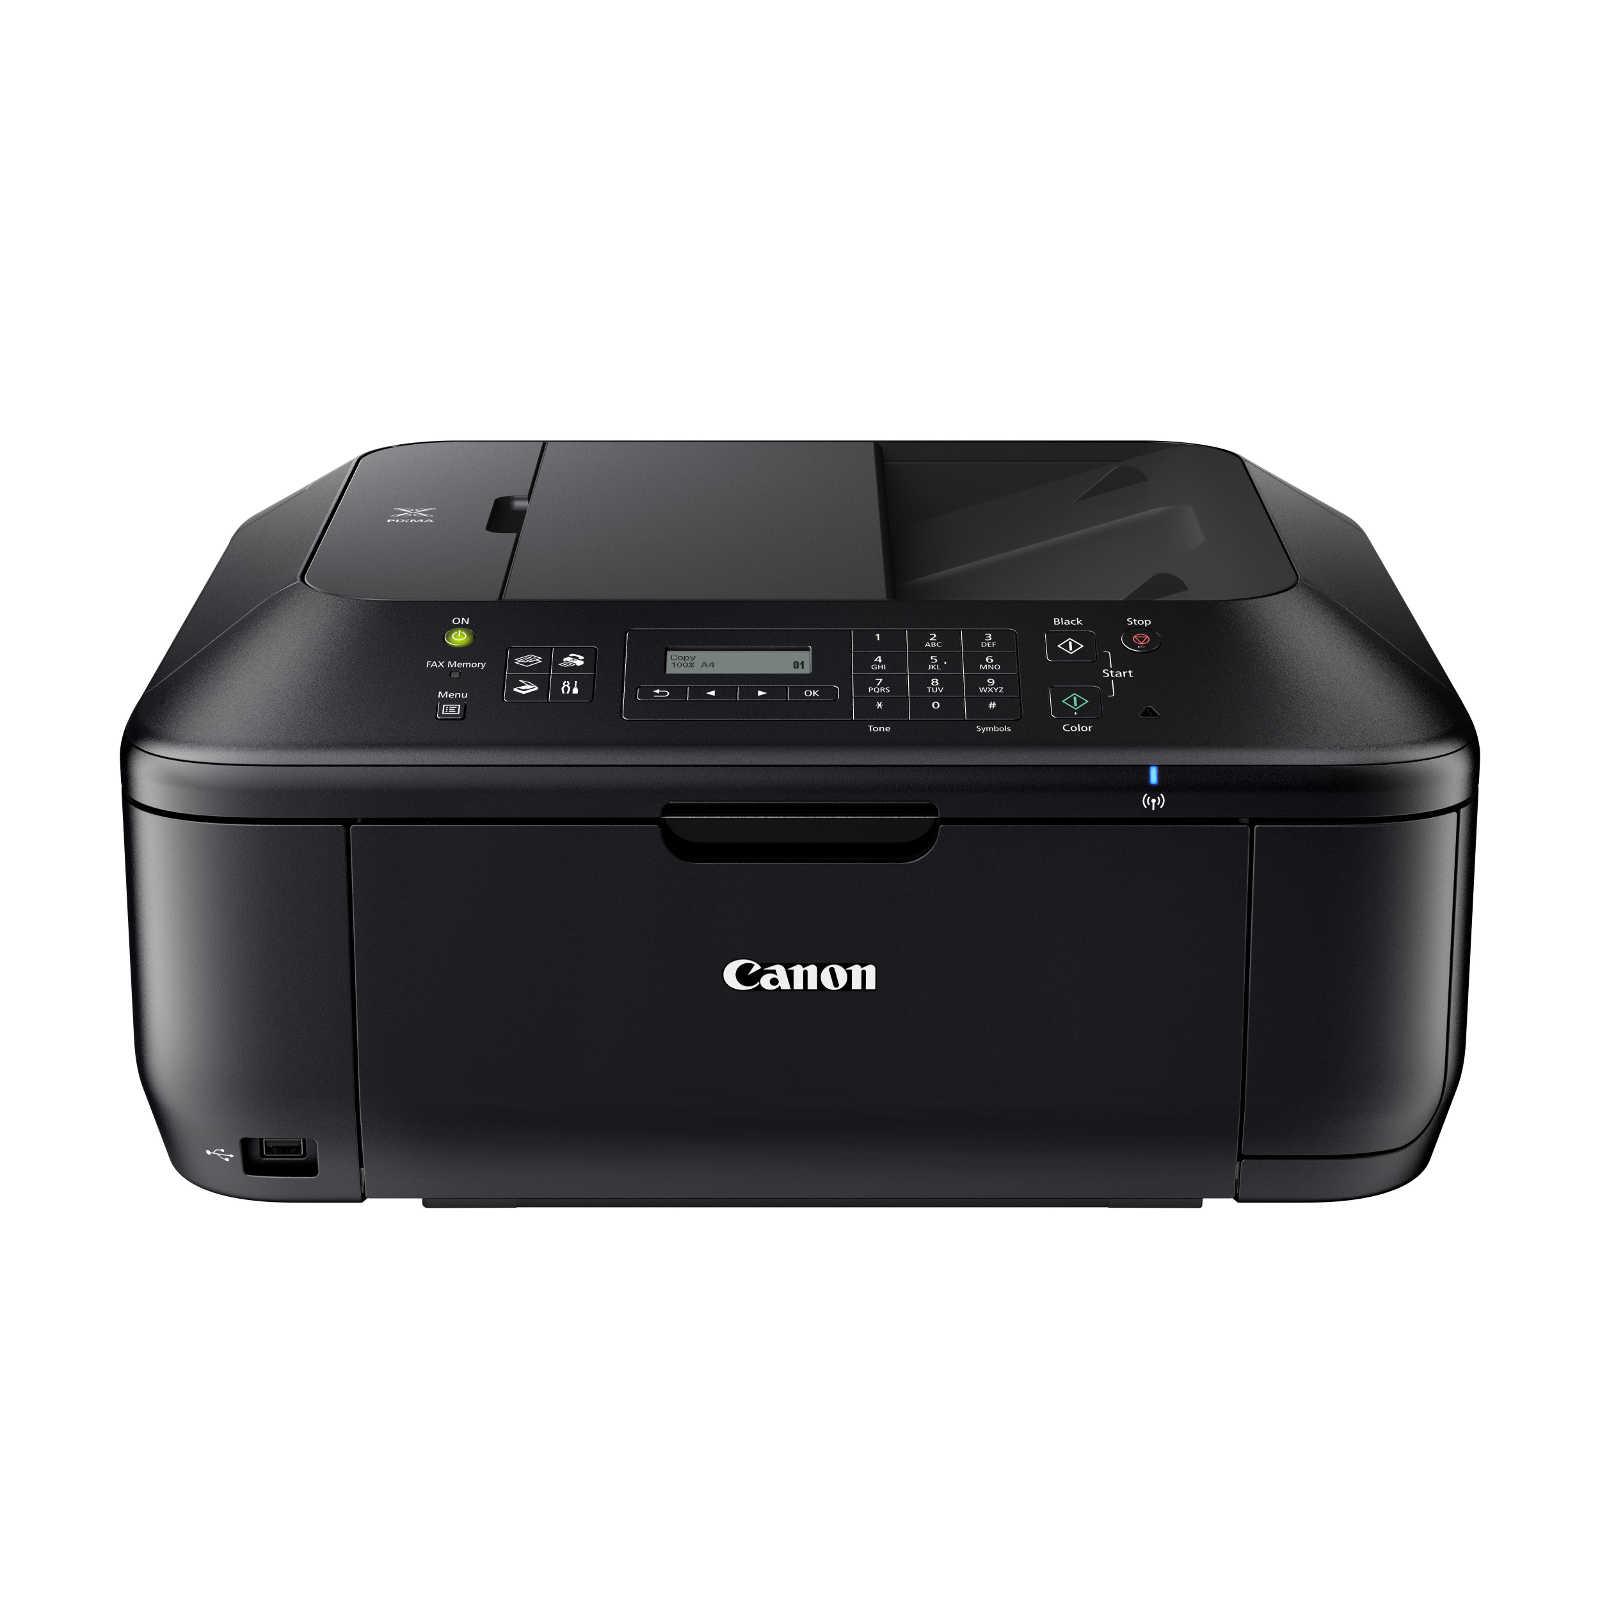 Imprimante multifonction Canon PIXMA MX535 Imprimante Photo Multifonction jet d'encre couleur 4-en-1 (USB / Wi-Fi)